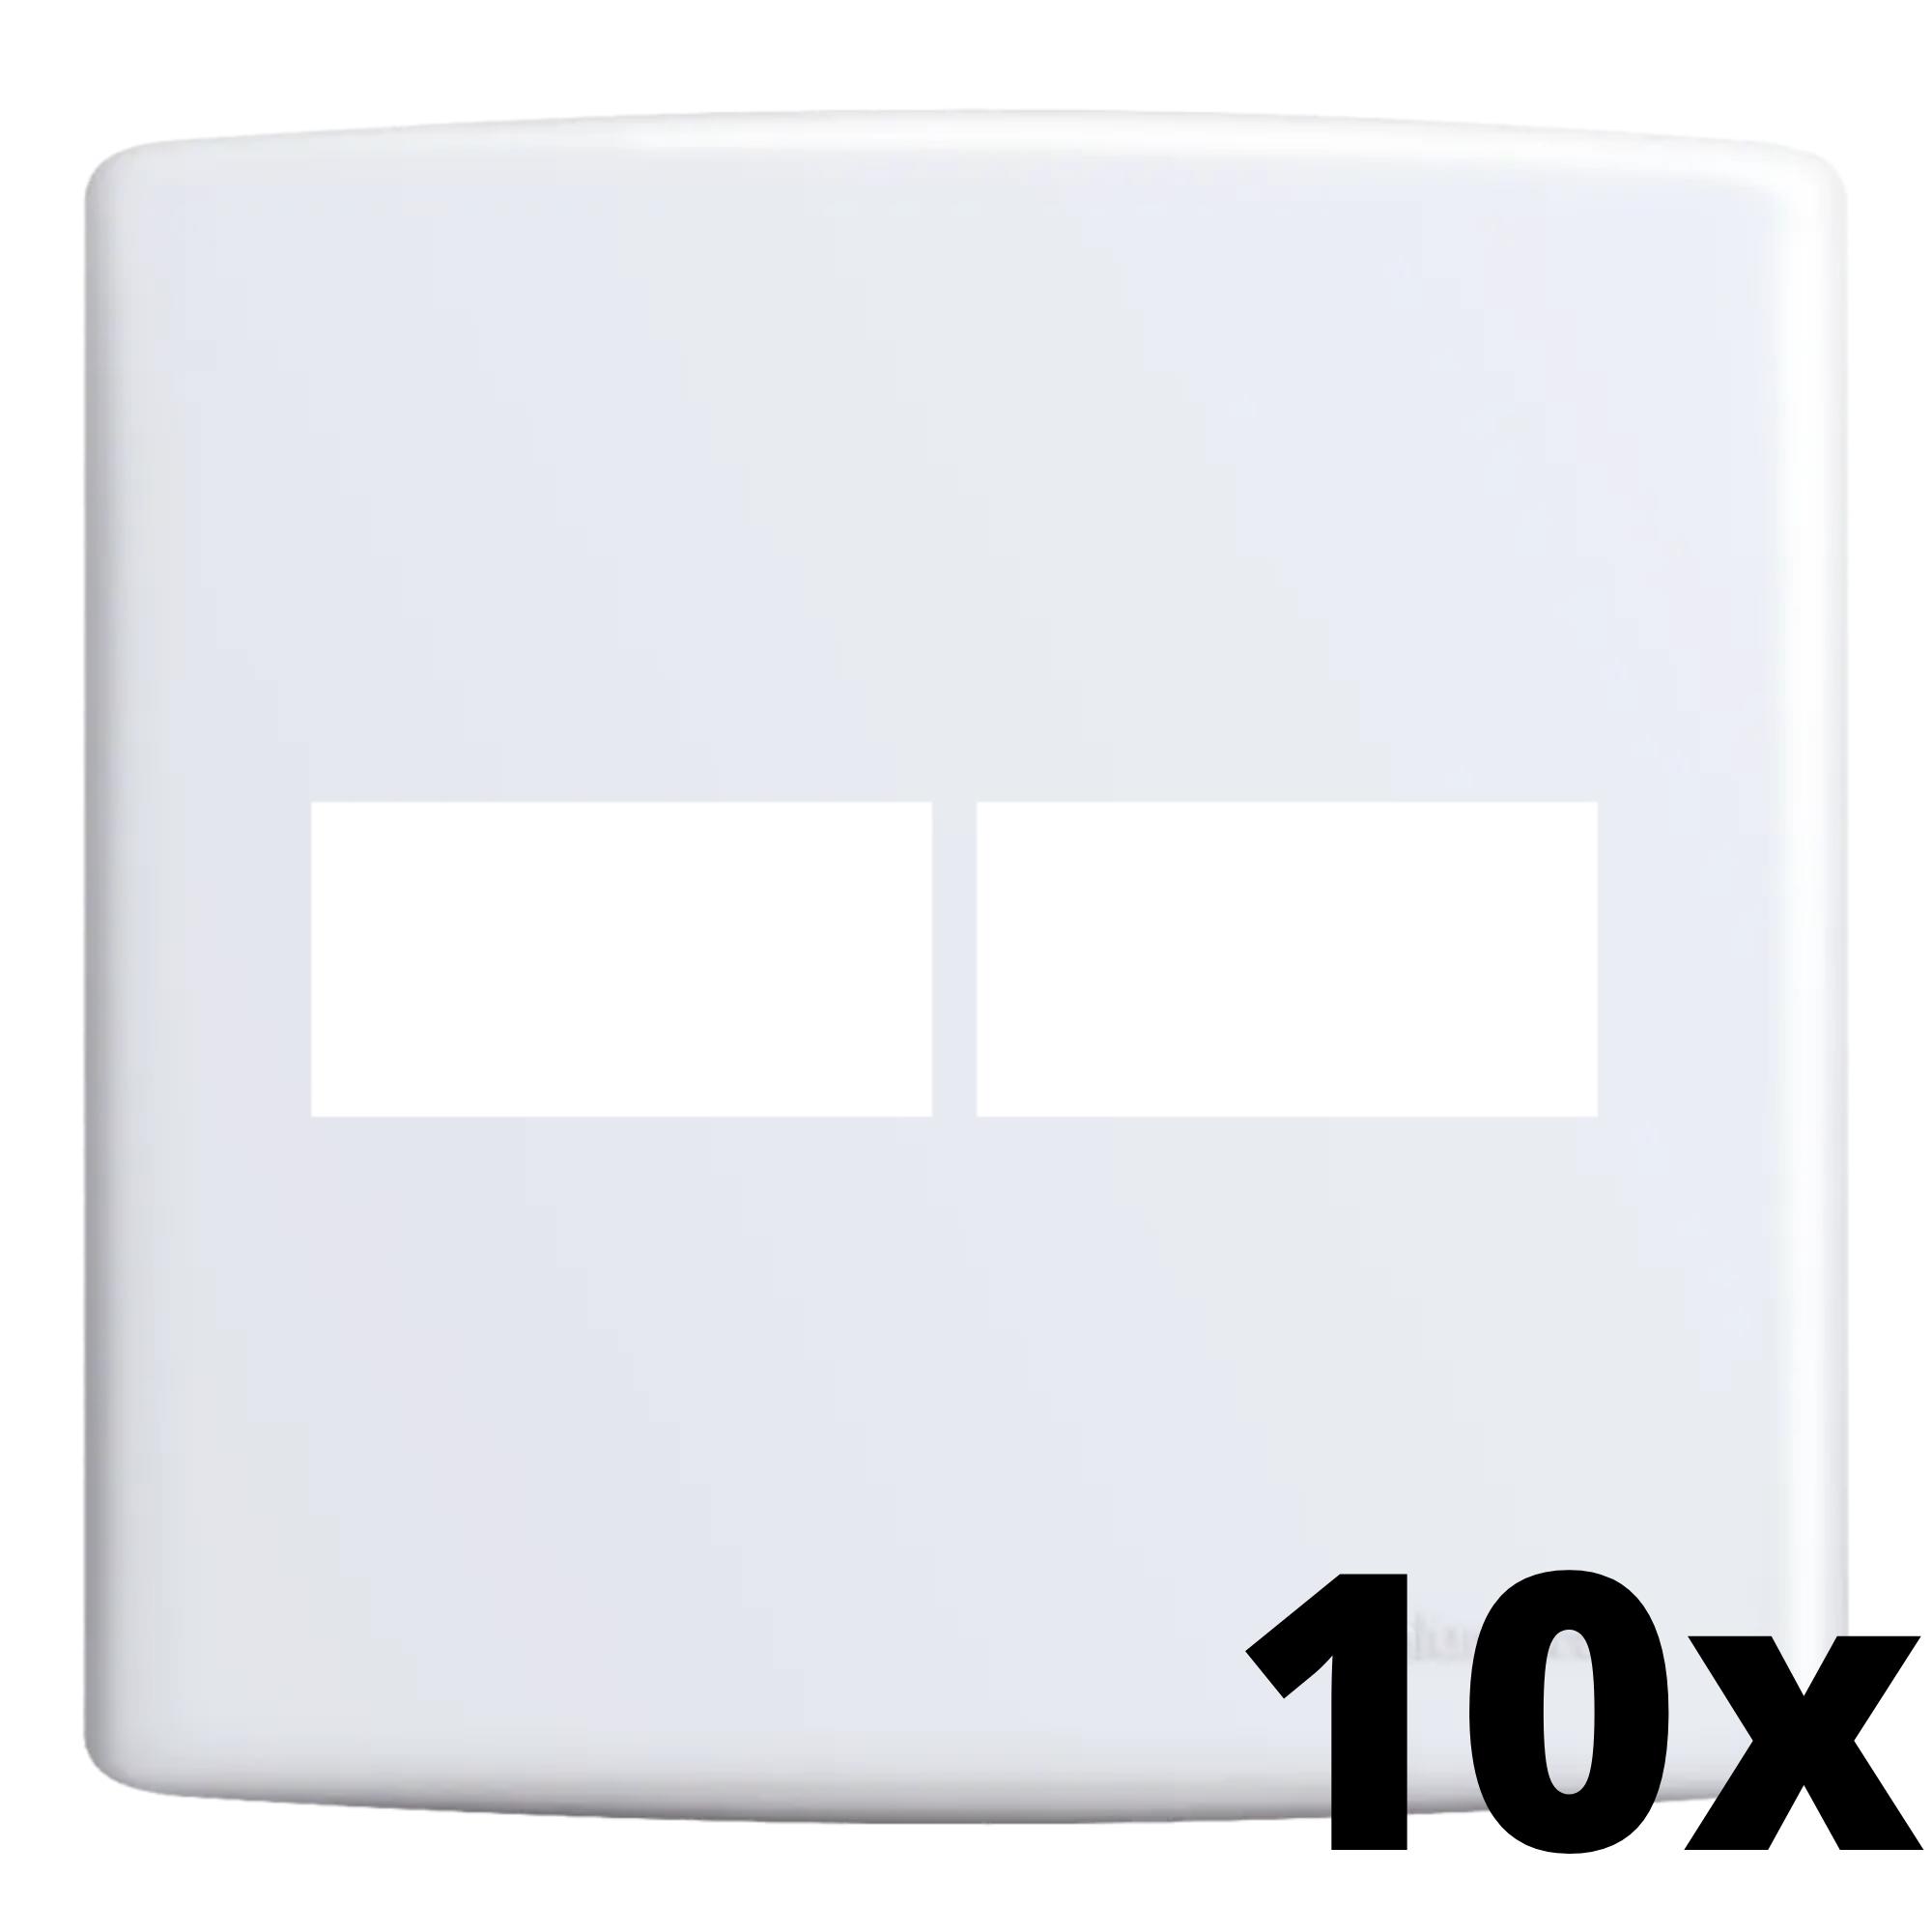 Kit 10 und Siena Placa 4x4 1 Seção + 1 Seção